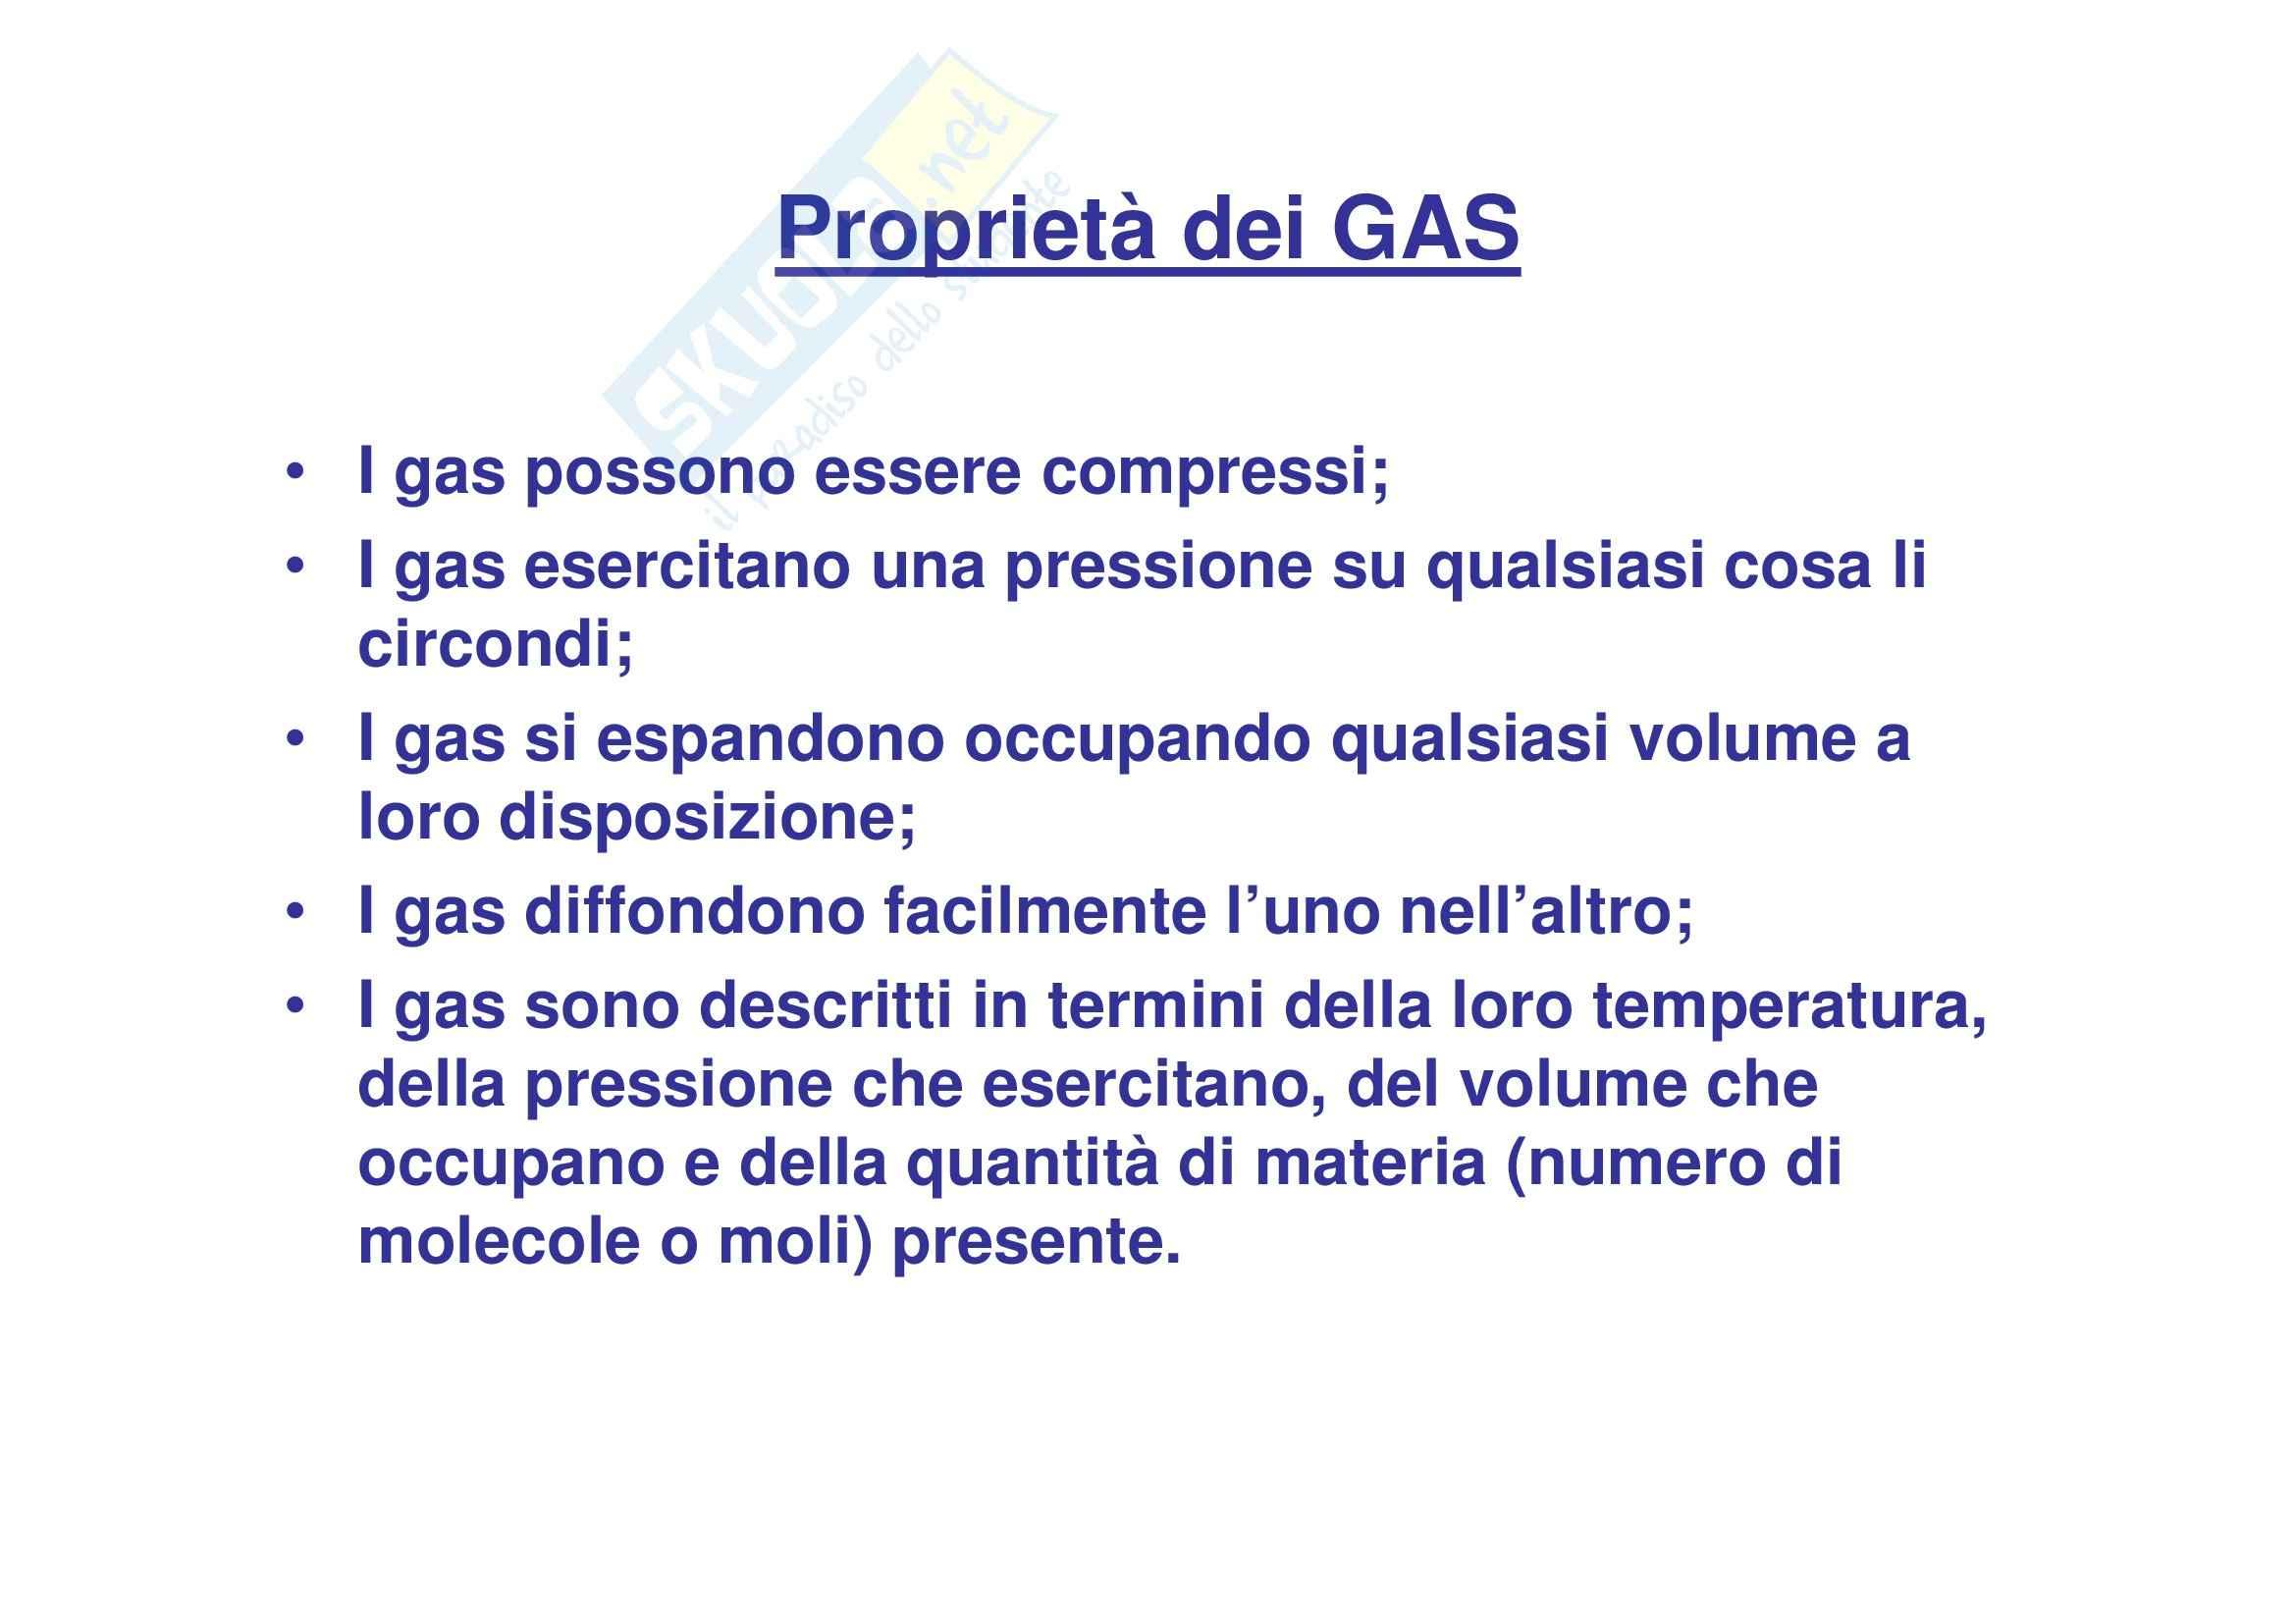 Propedeutica biochimica - proprietà dei gas